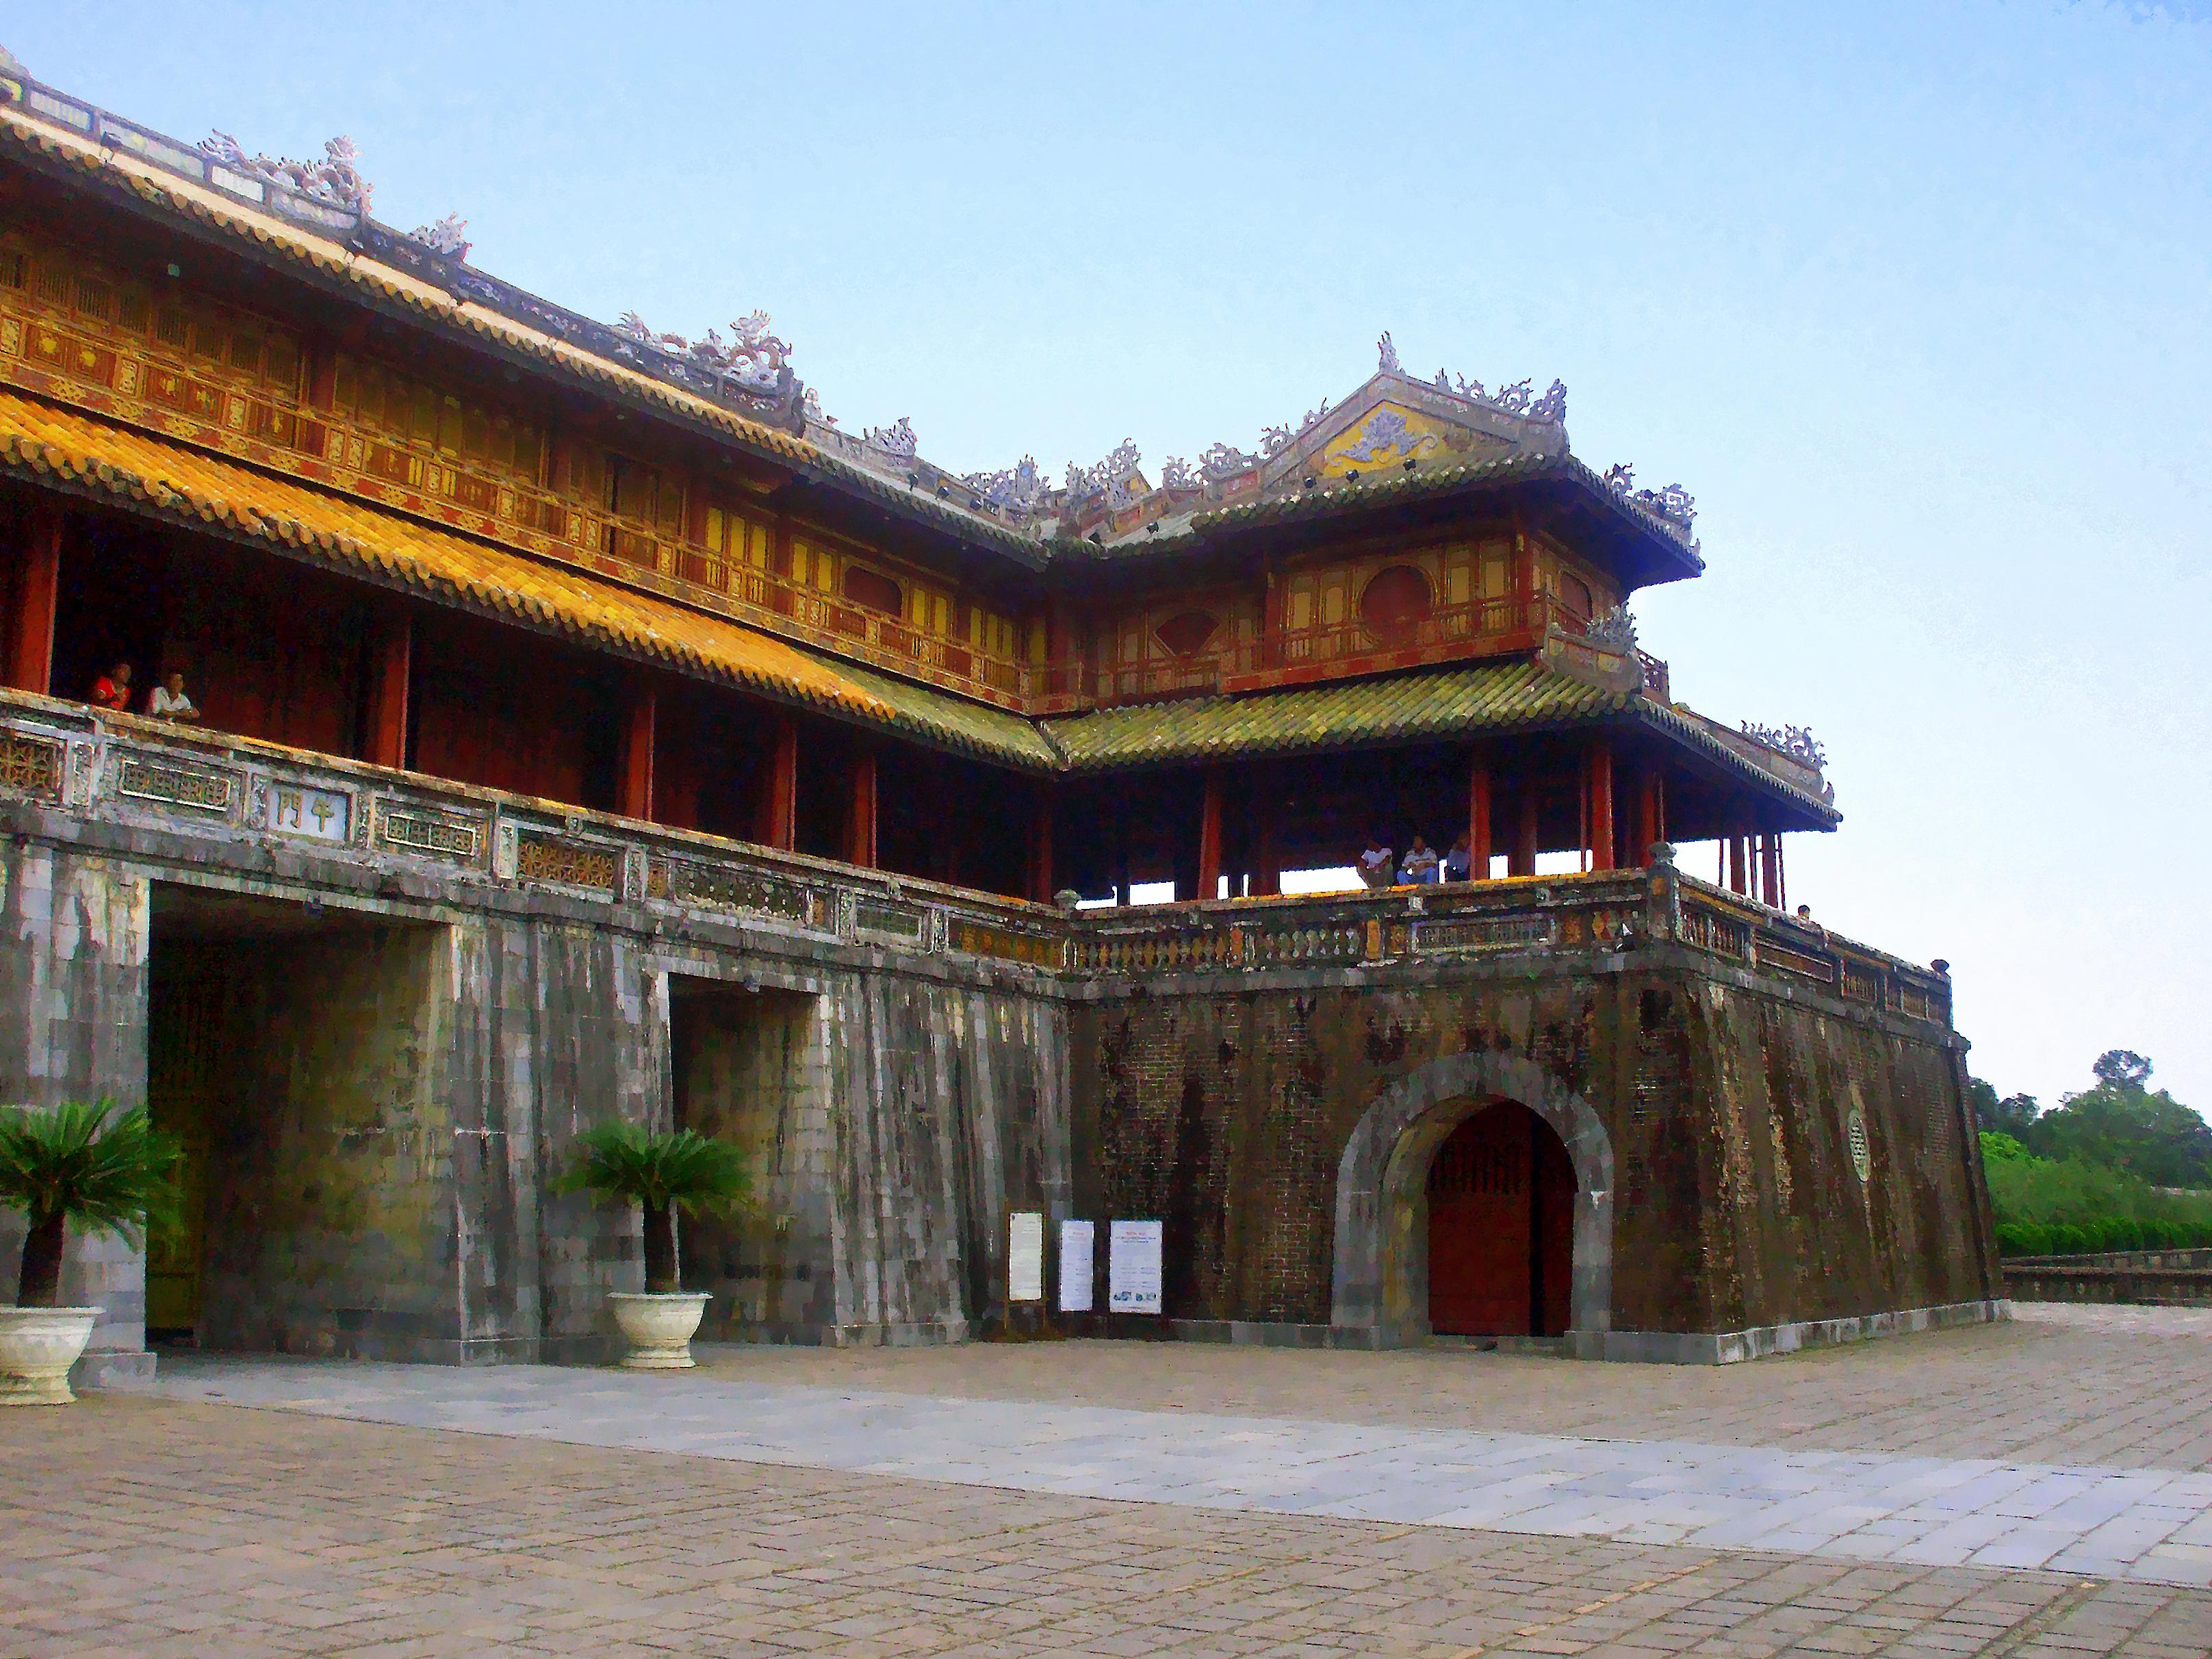 Ngọ môn Hoàng thành Huế, di tích lịch sử và kiến trúc nghệ thuật